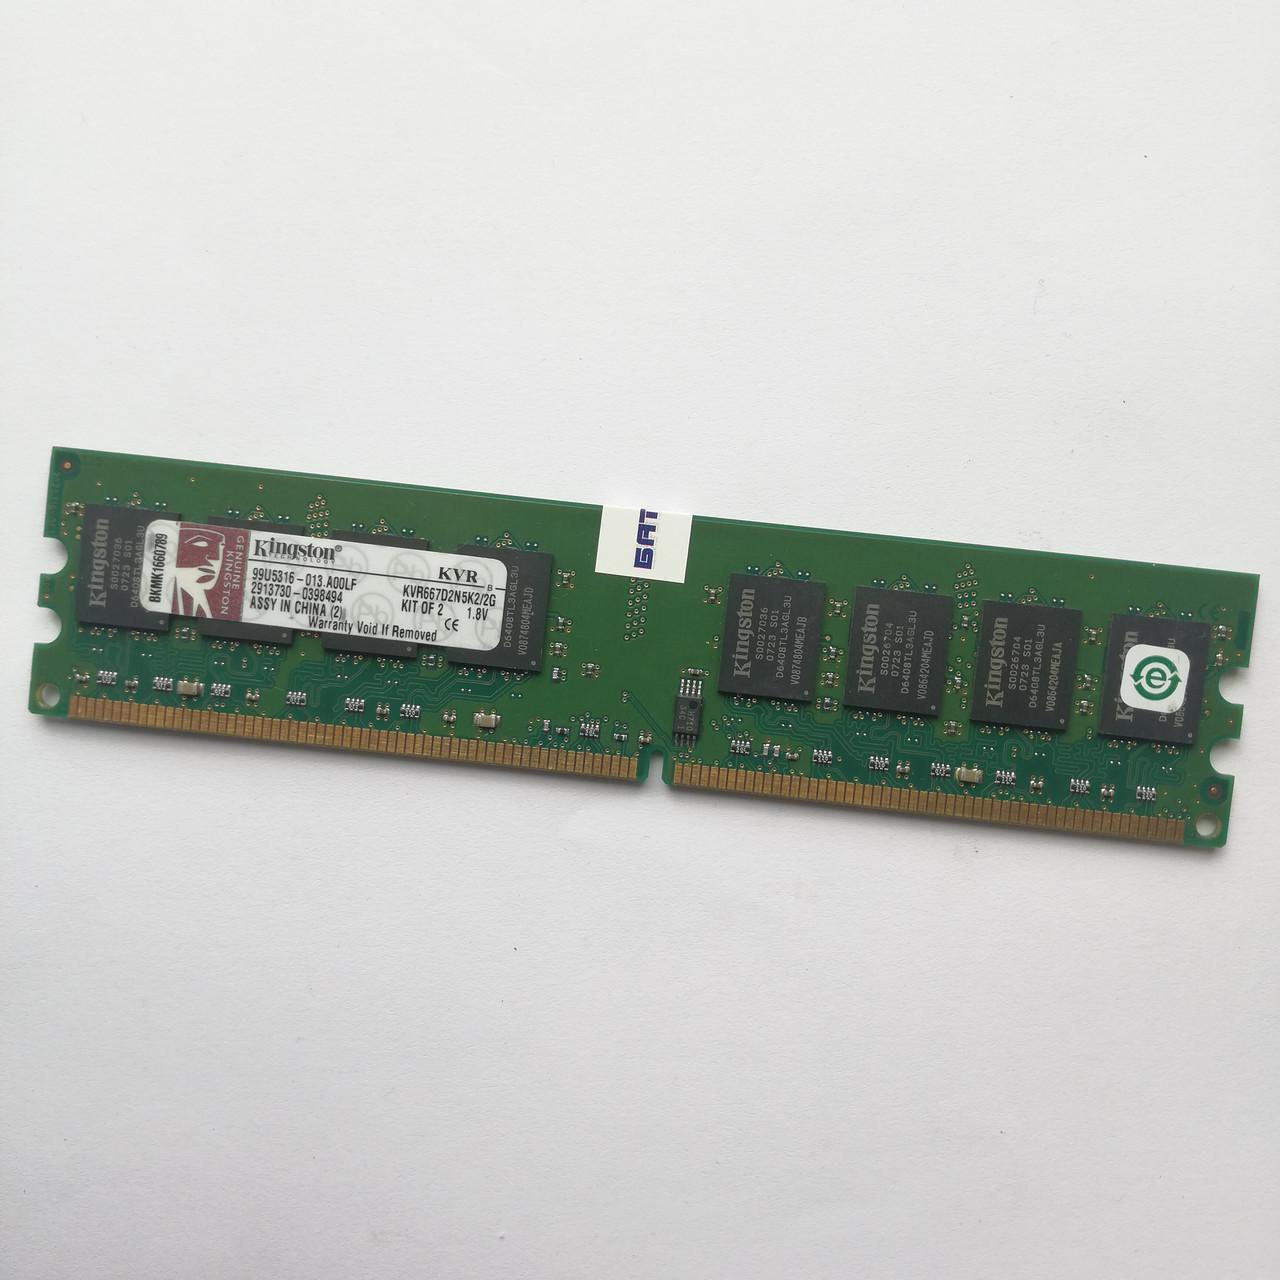 Оперативная память Kingston DDR2 1Gb 667MHz PC2 5300U 2R8 CL5 (KVR667D2N5K2/2G) Б/У